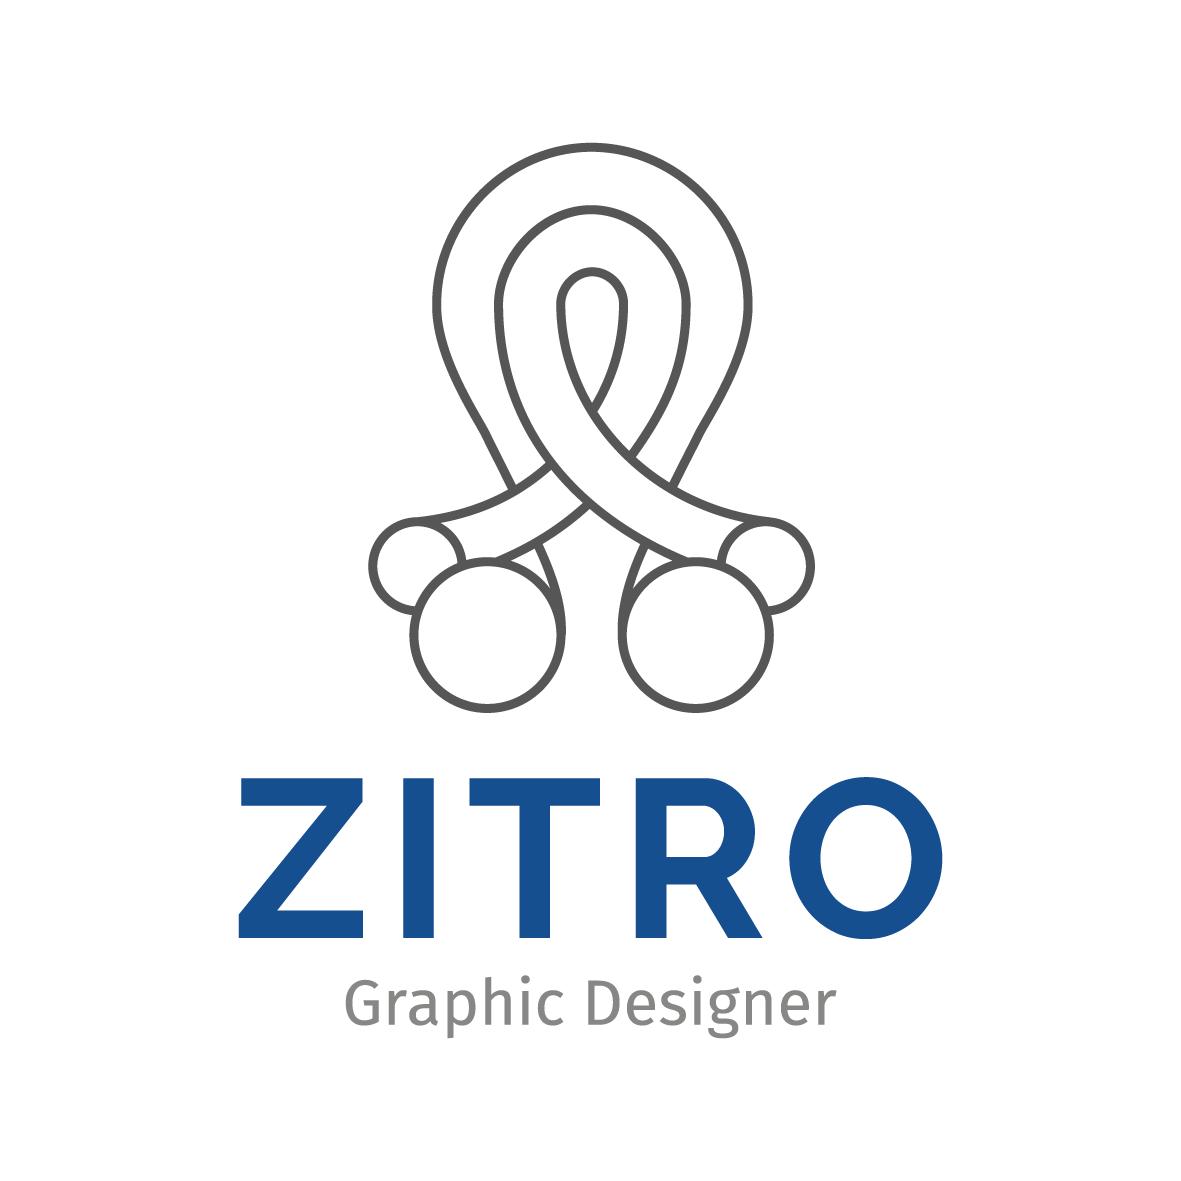 ZITRO Graphic Designer